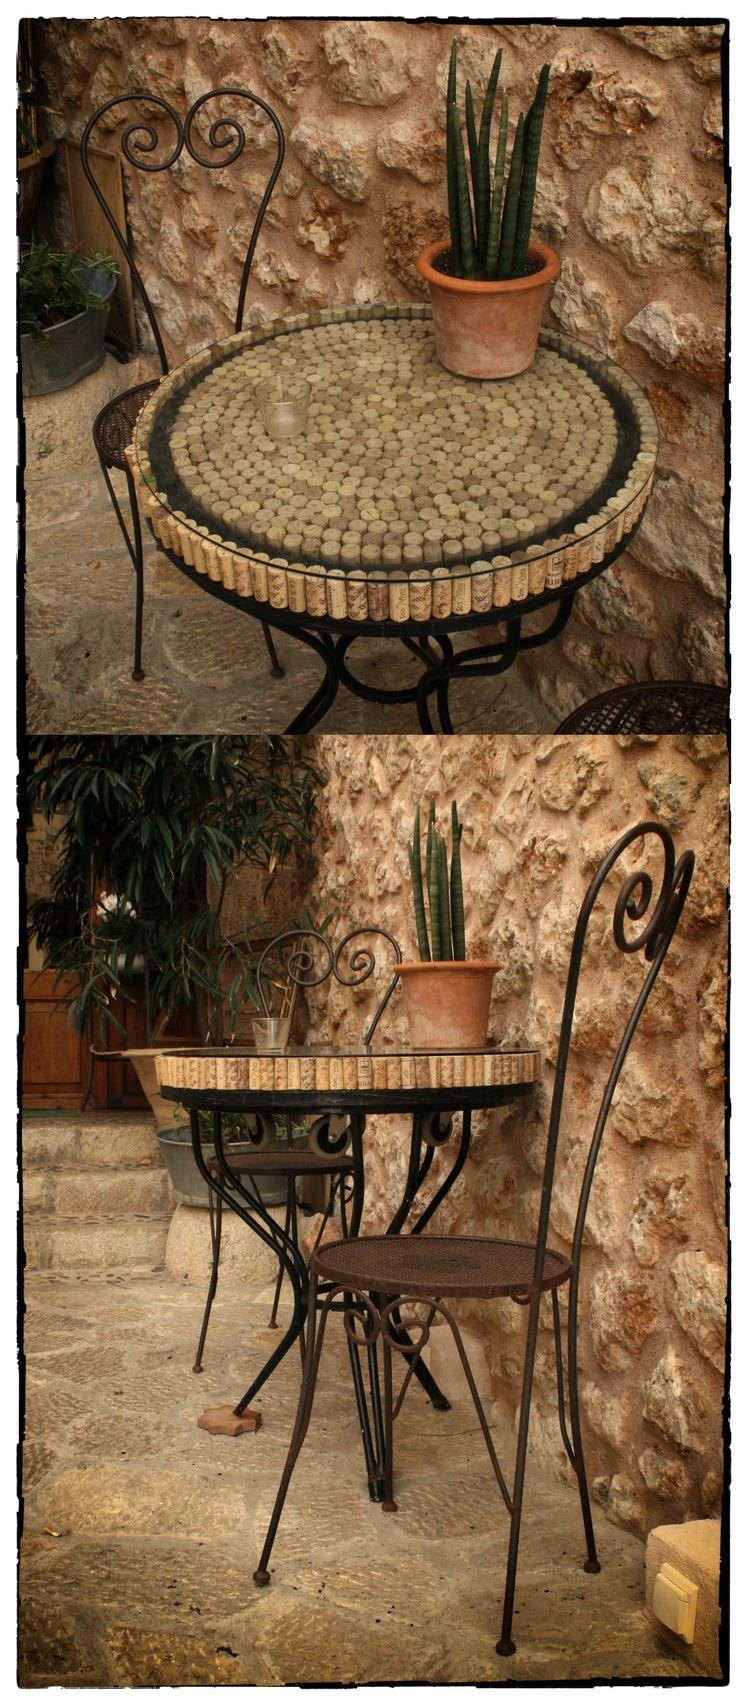 Cork table Banyalbufar Mallorca. Tablero de mesa con tapones de corcho